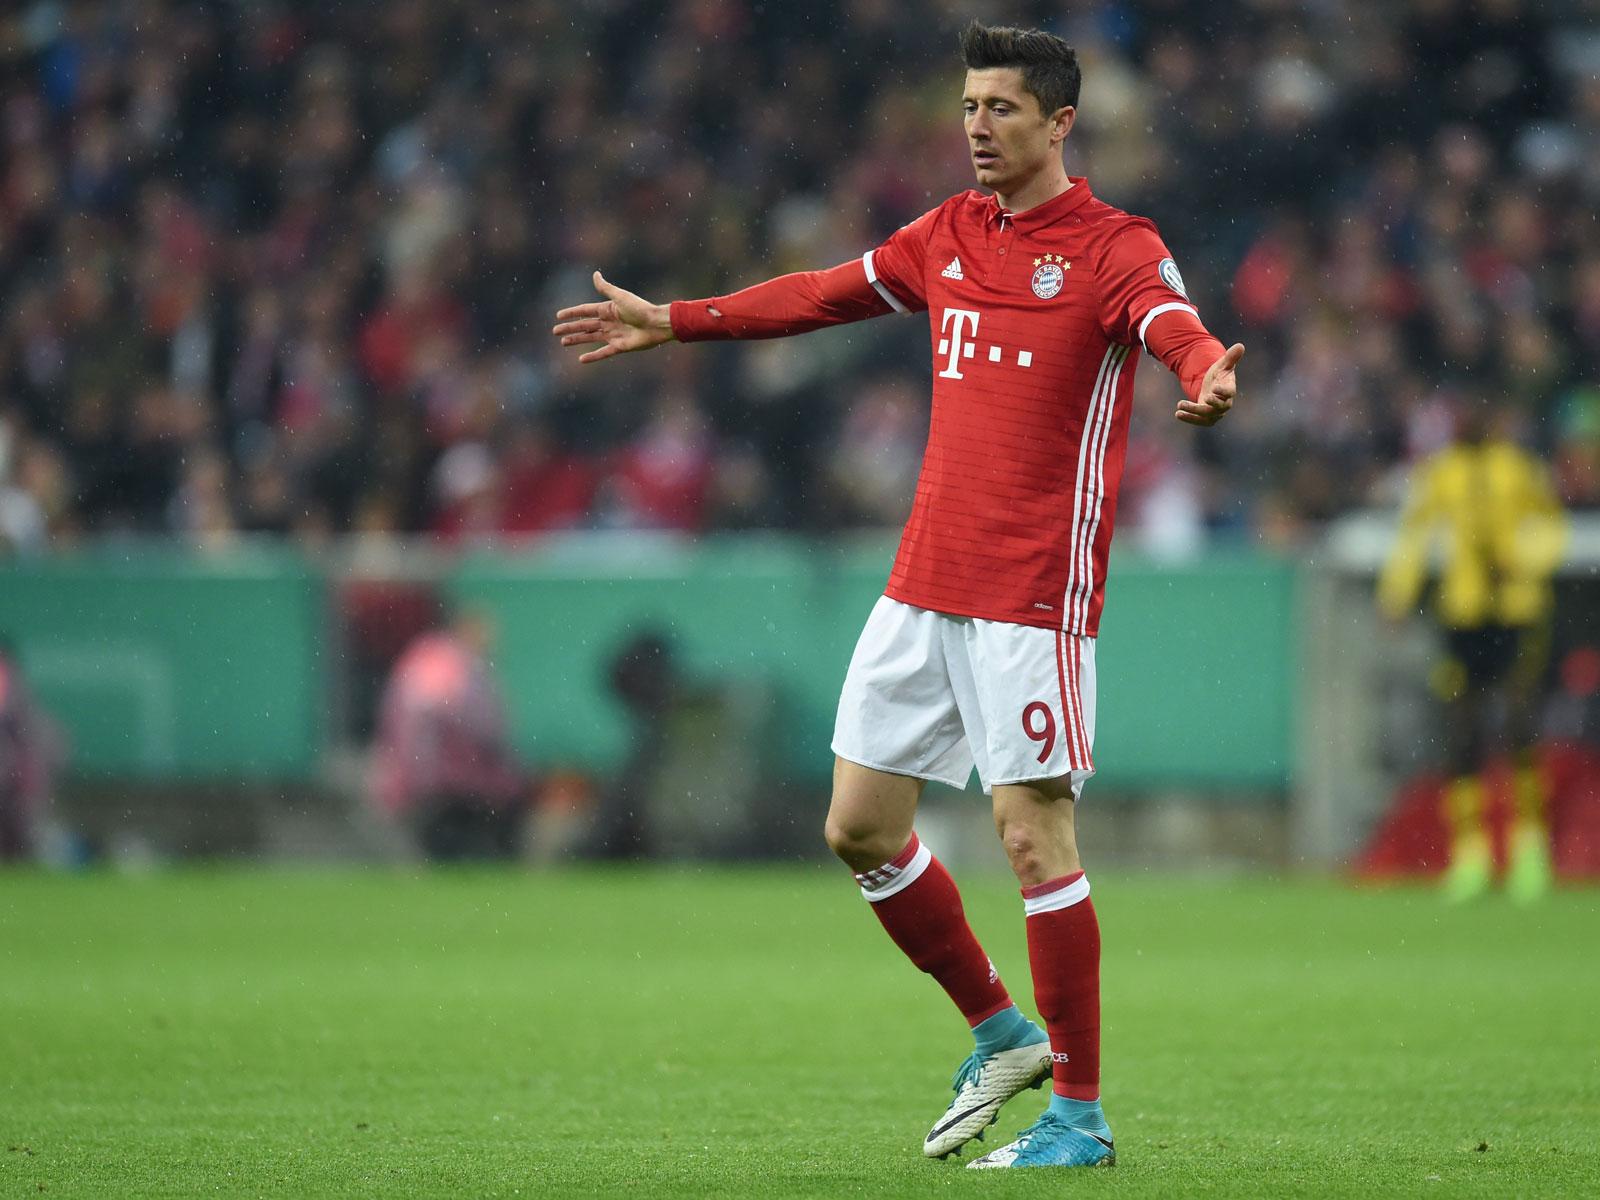 FC Bayern ohne Müller und Hummels in der Startelf - Ribéry fit